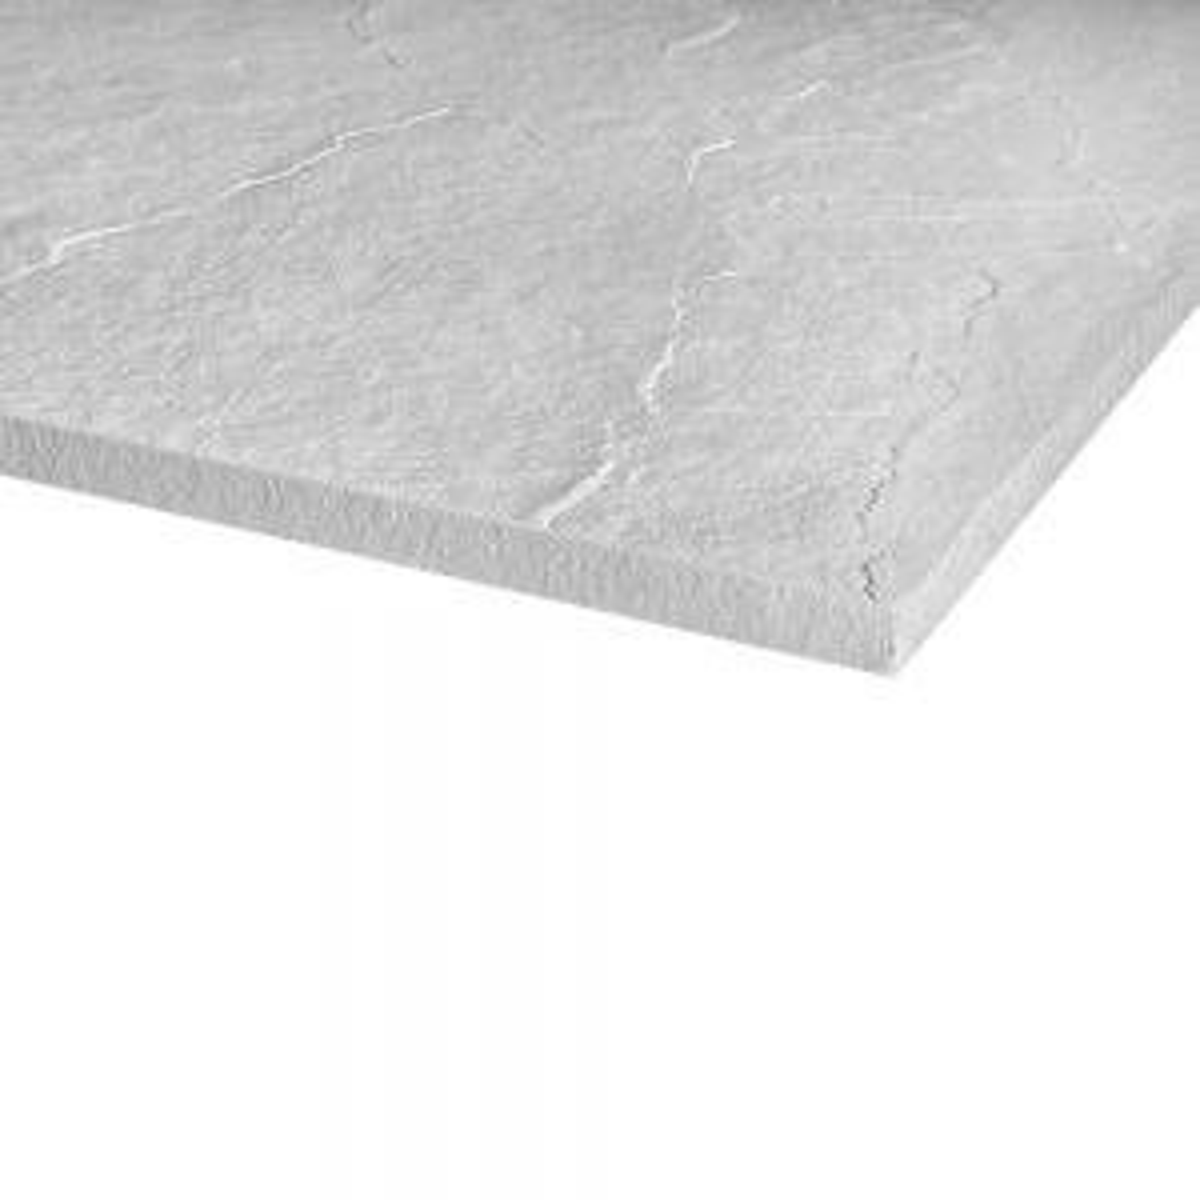 Merlyn Truestone Fossil Grey Rectangular Shower Tray 1400 x 900mm